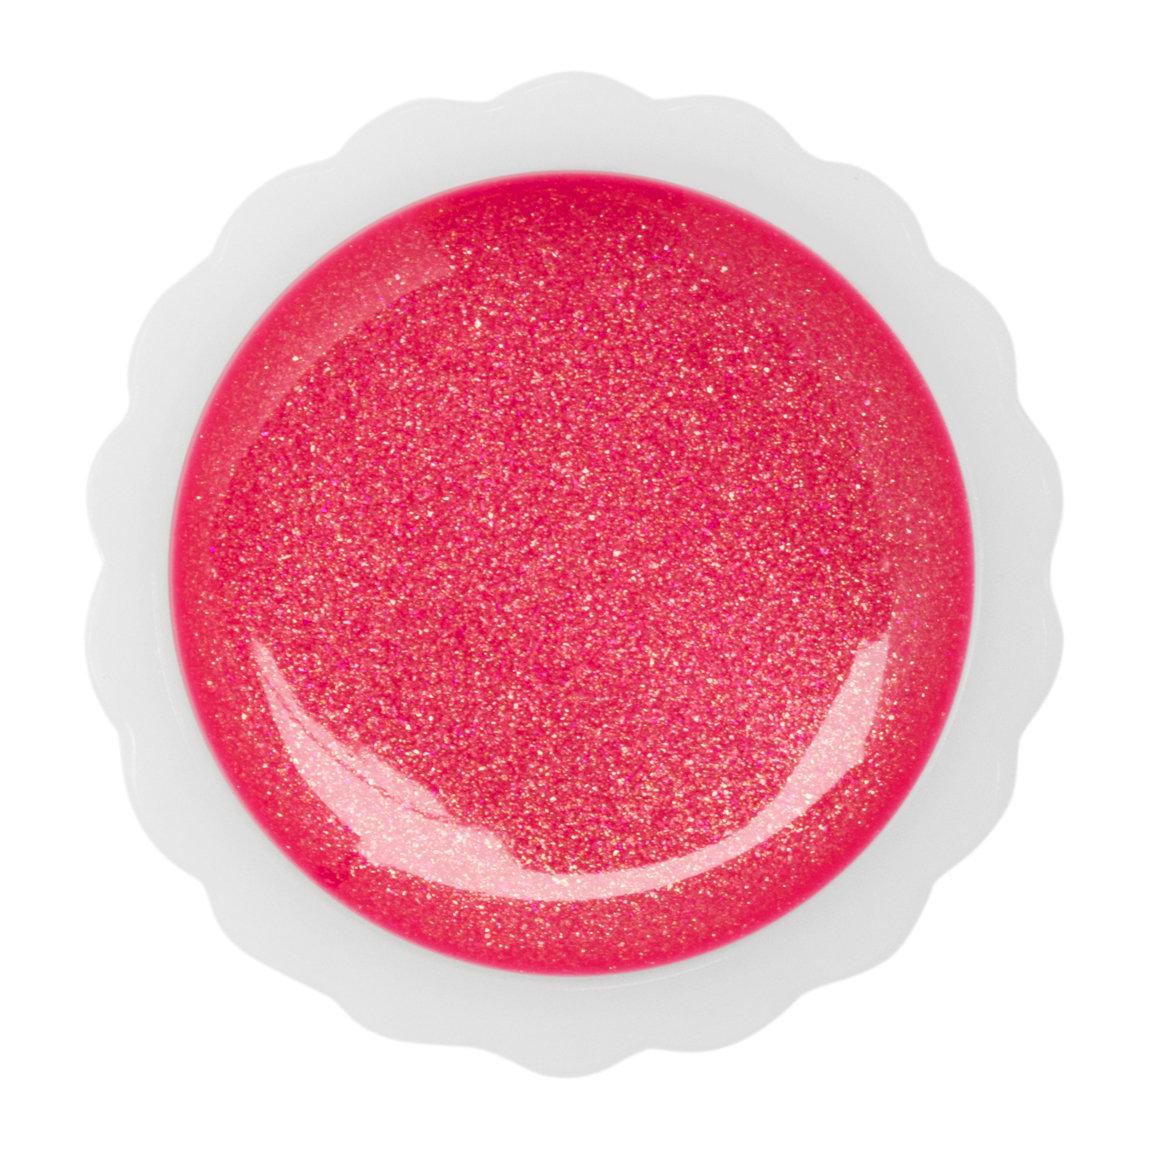 Anna Sui Lip Color X 03